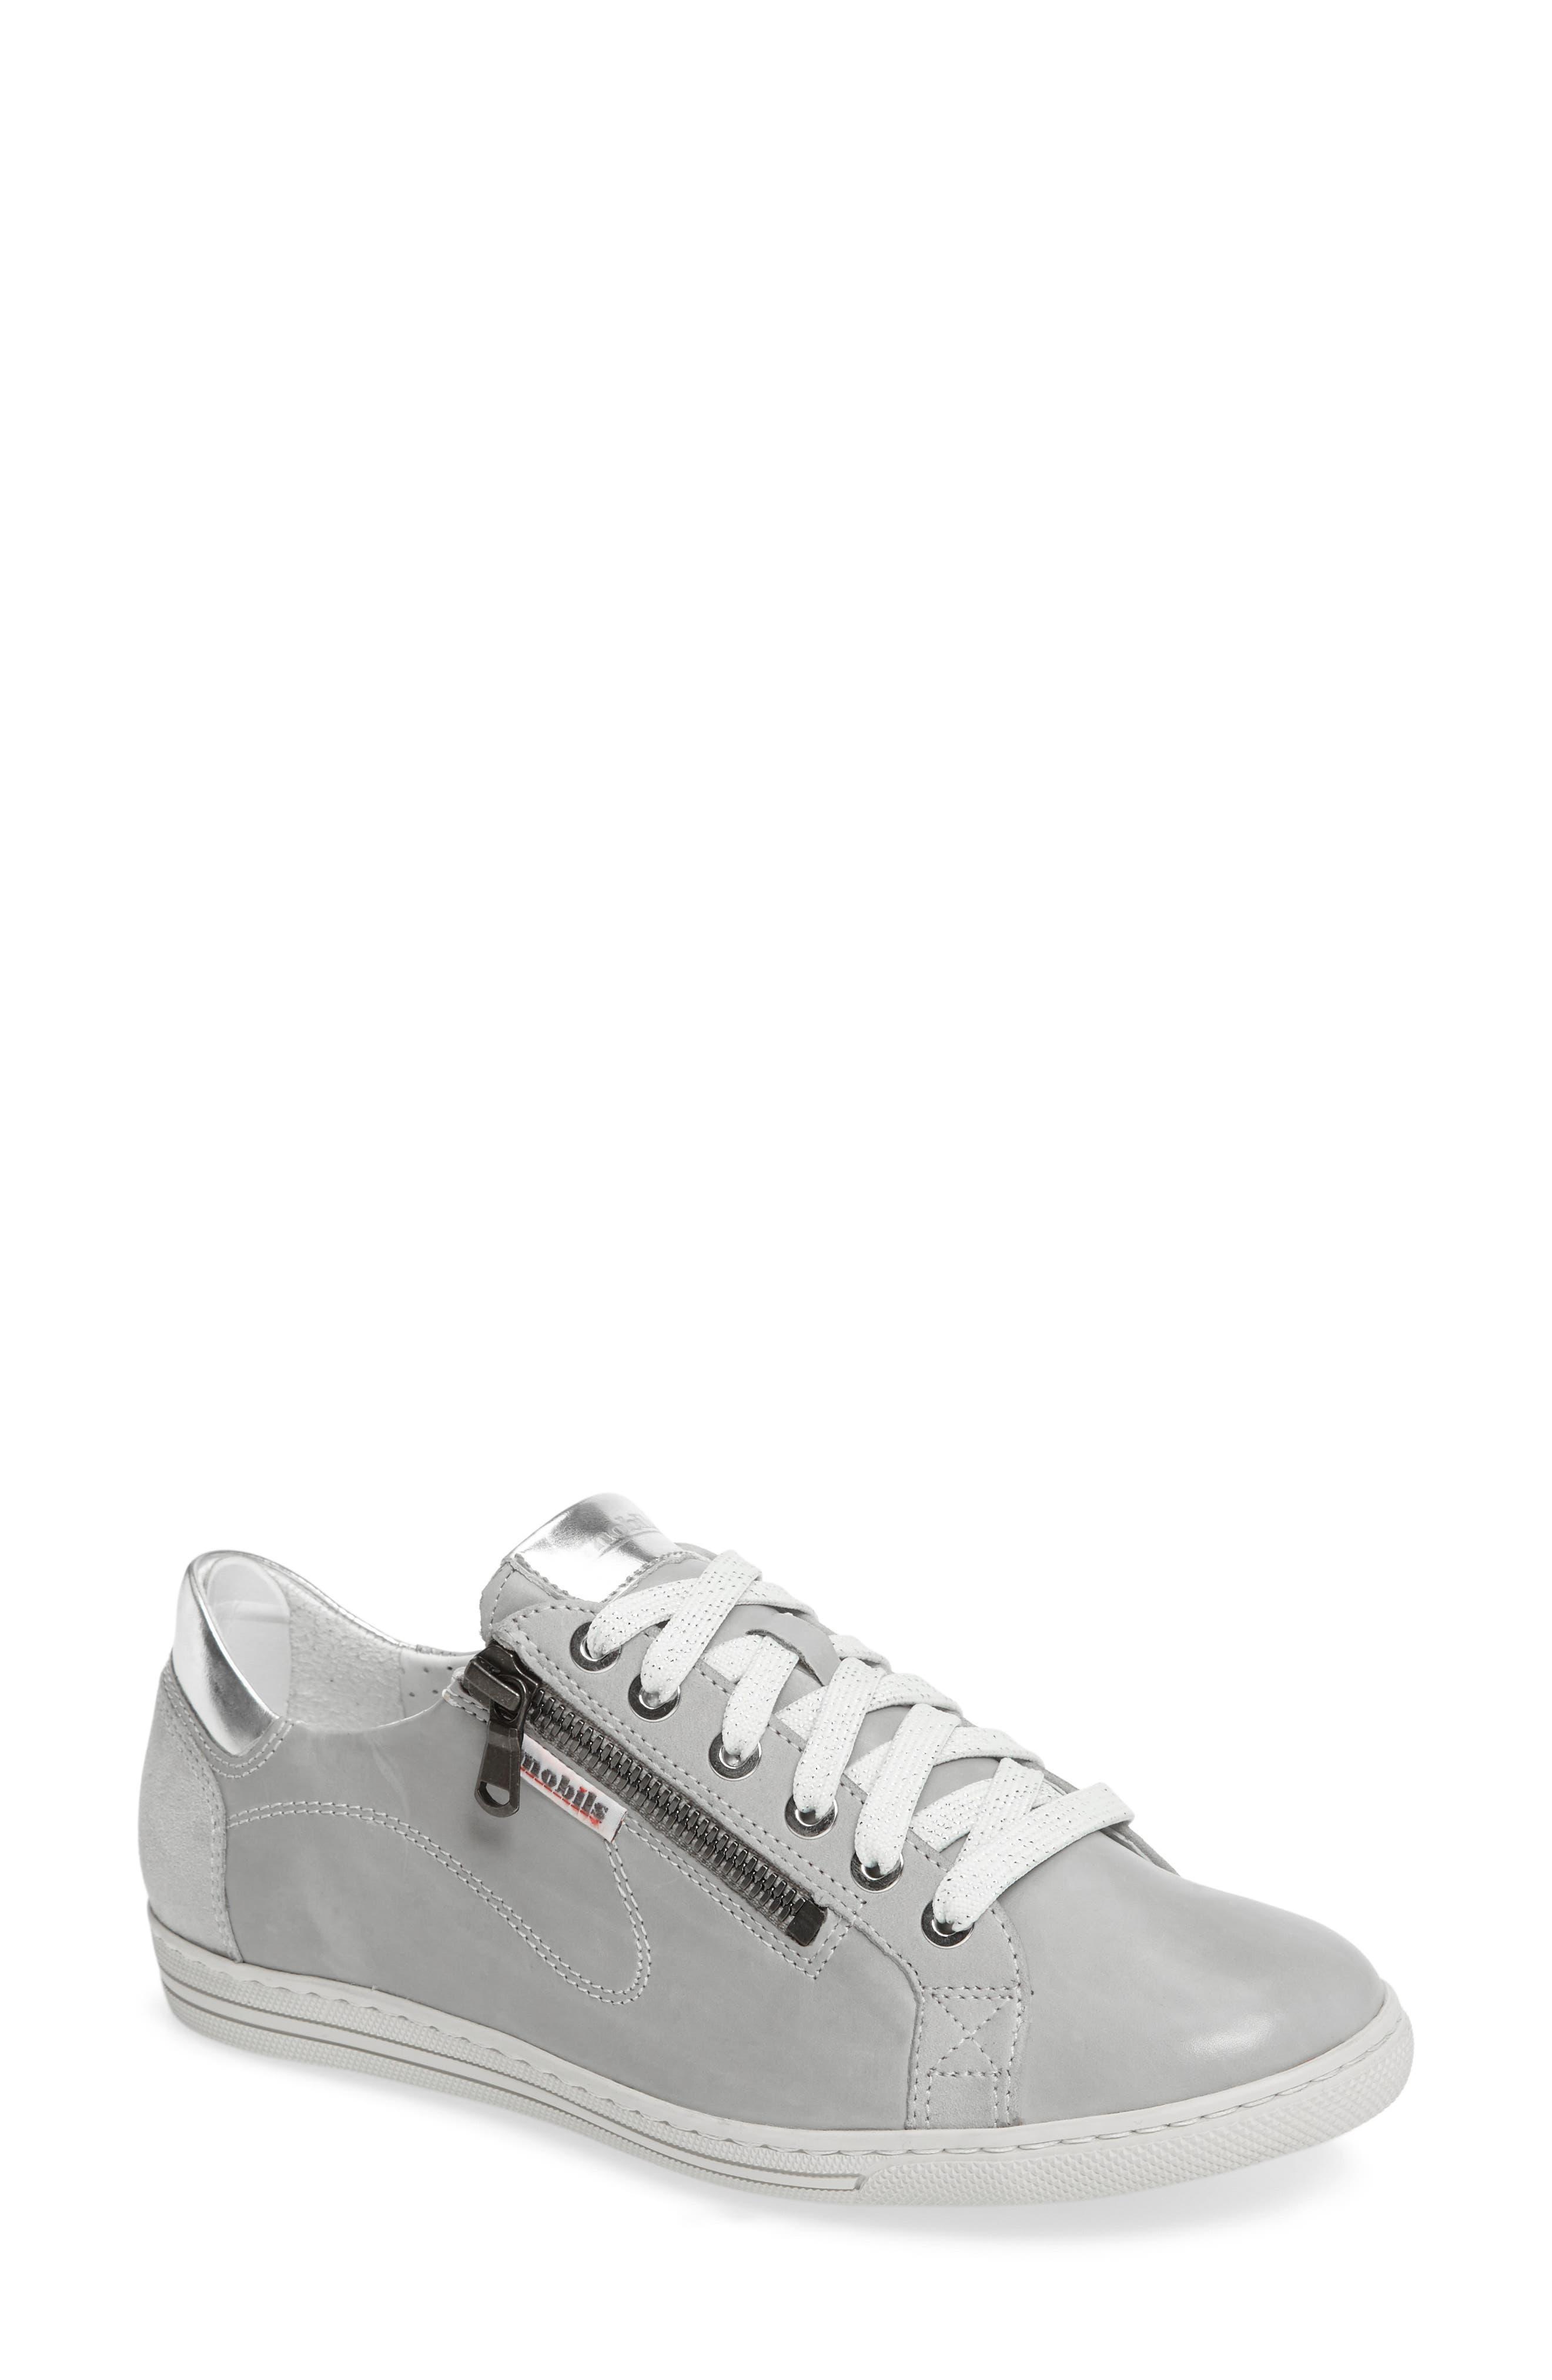 MEPHISTO Hawai Sneaker